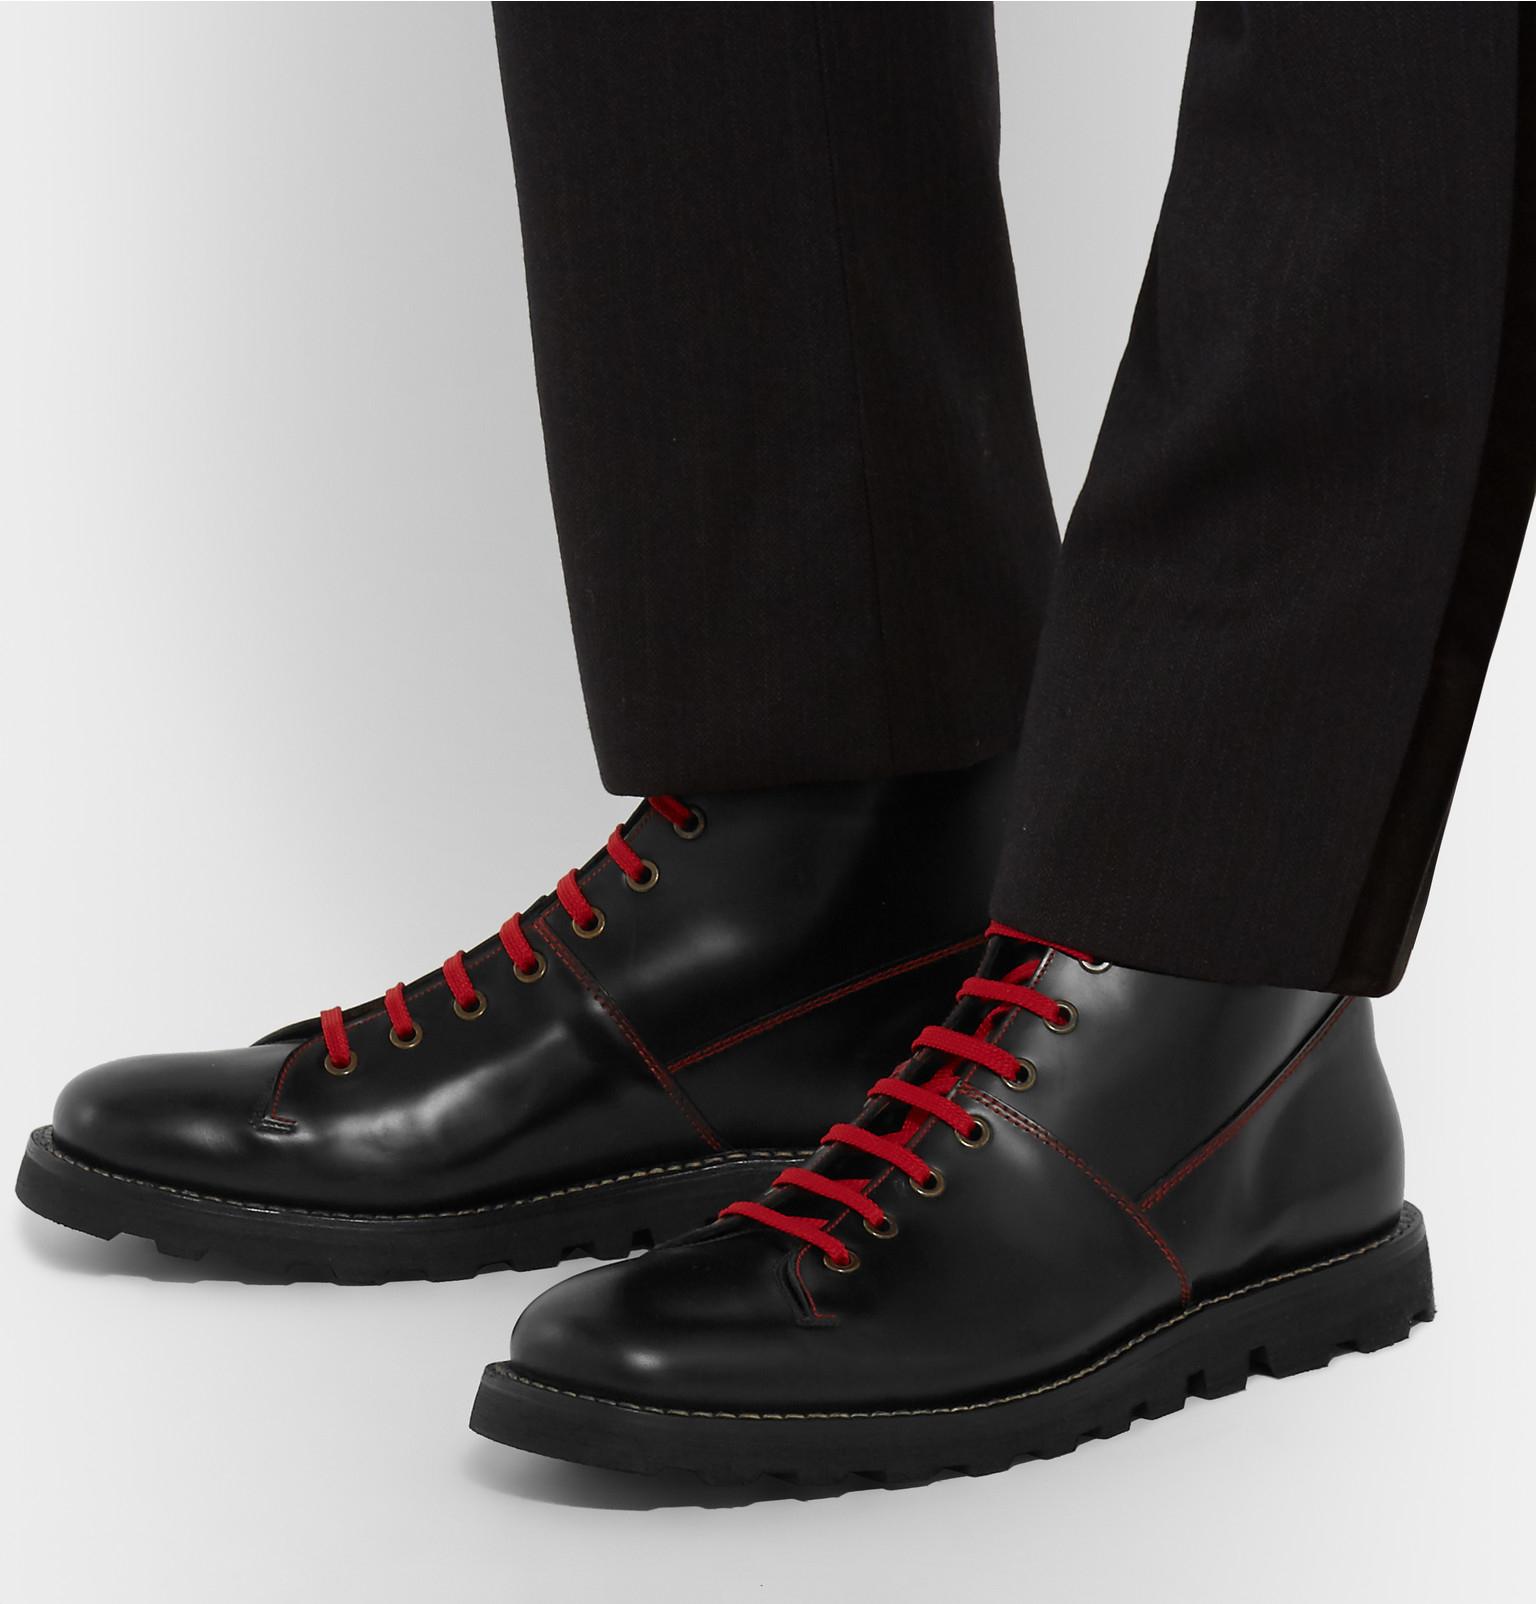 f0e928e607c Prada Contrast-stitched Spazzolato Leather Boots in Black for Men - Lyst